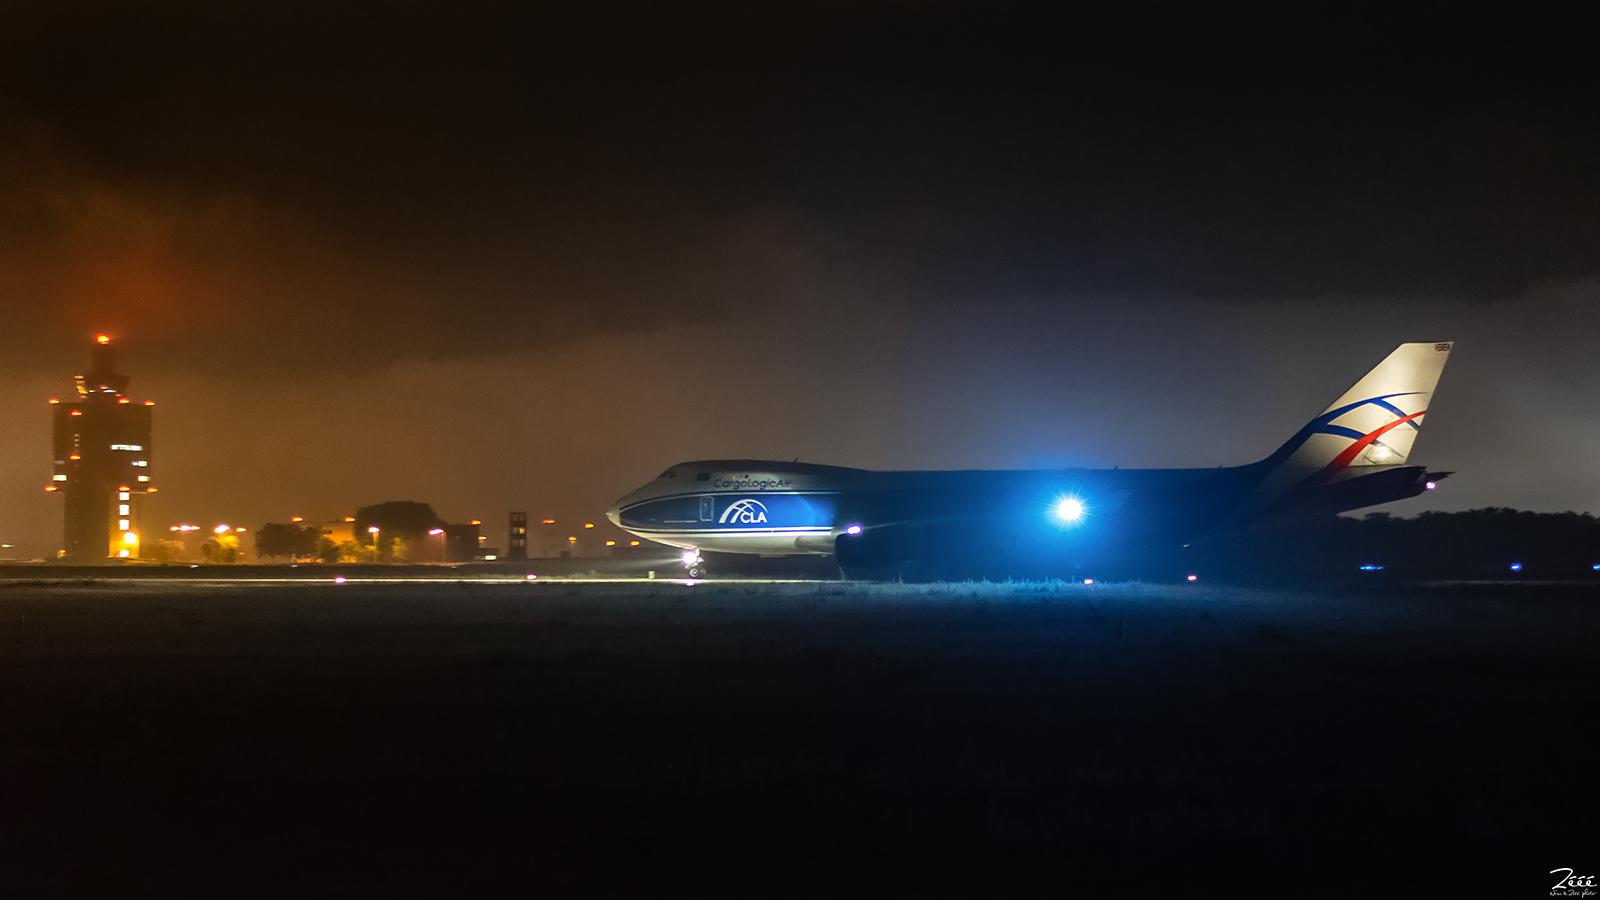 201AA17C-DC8E-4EDB-9A9B-5C3284E11A30